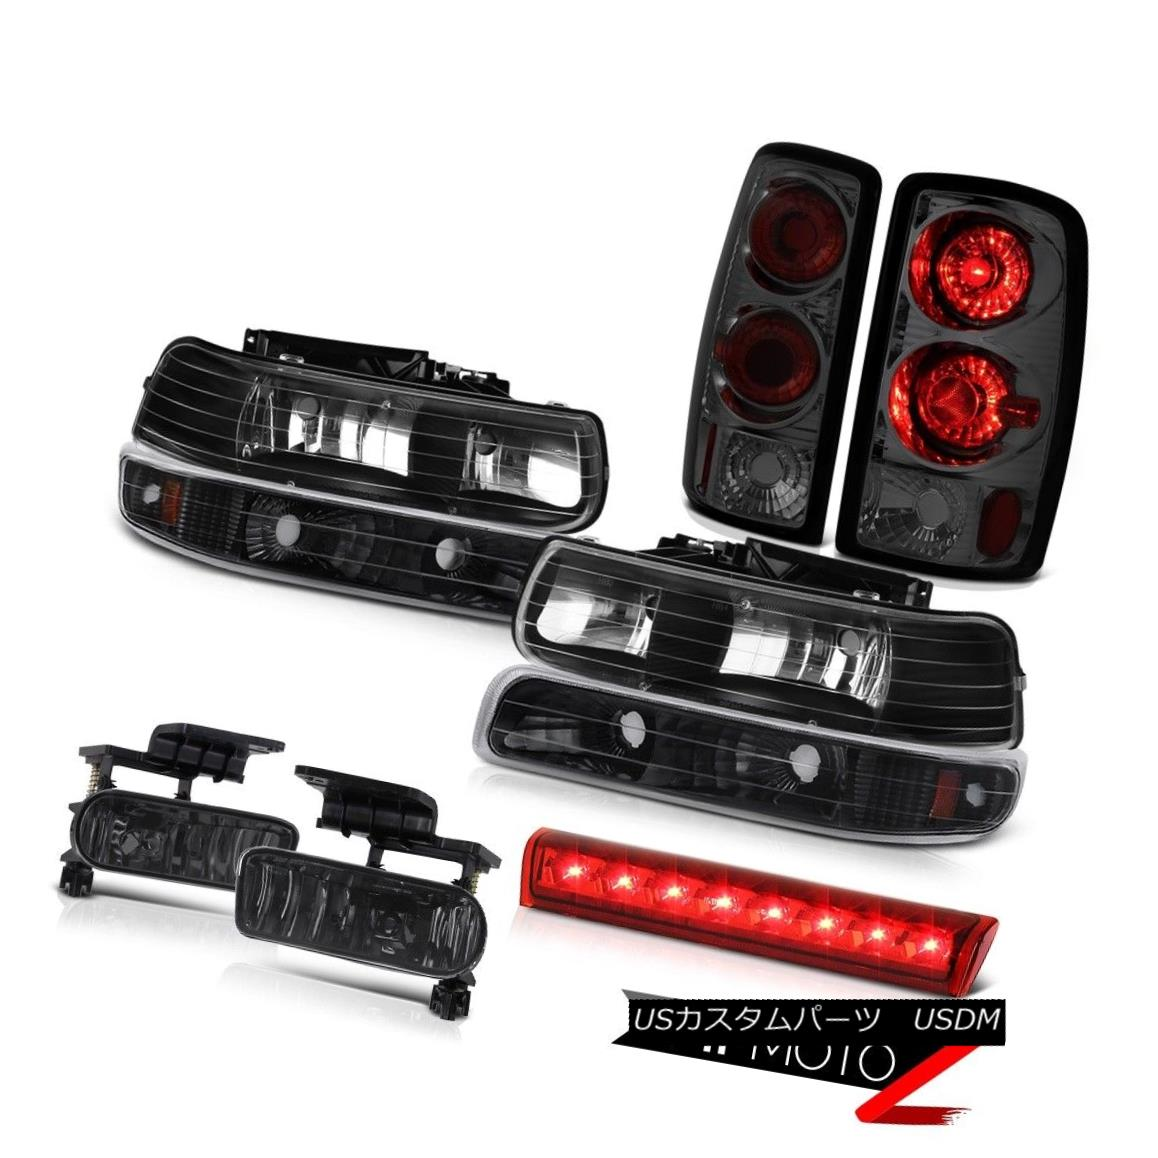 ヘッドライト 2000-2006 Suburban 1500 4X4 3rd brake lamp fog lights tail inky black Headlamps 2000-2006郊外1500 4X4第3ブレーキランプ霧ライトテールインクブラックヘッドランプ